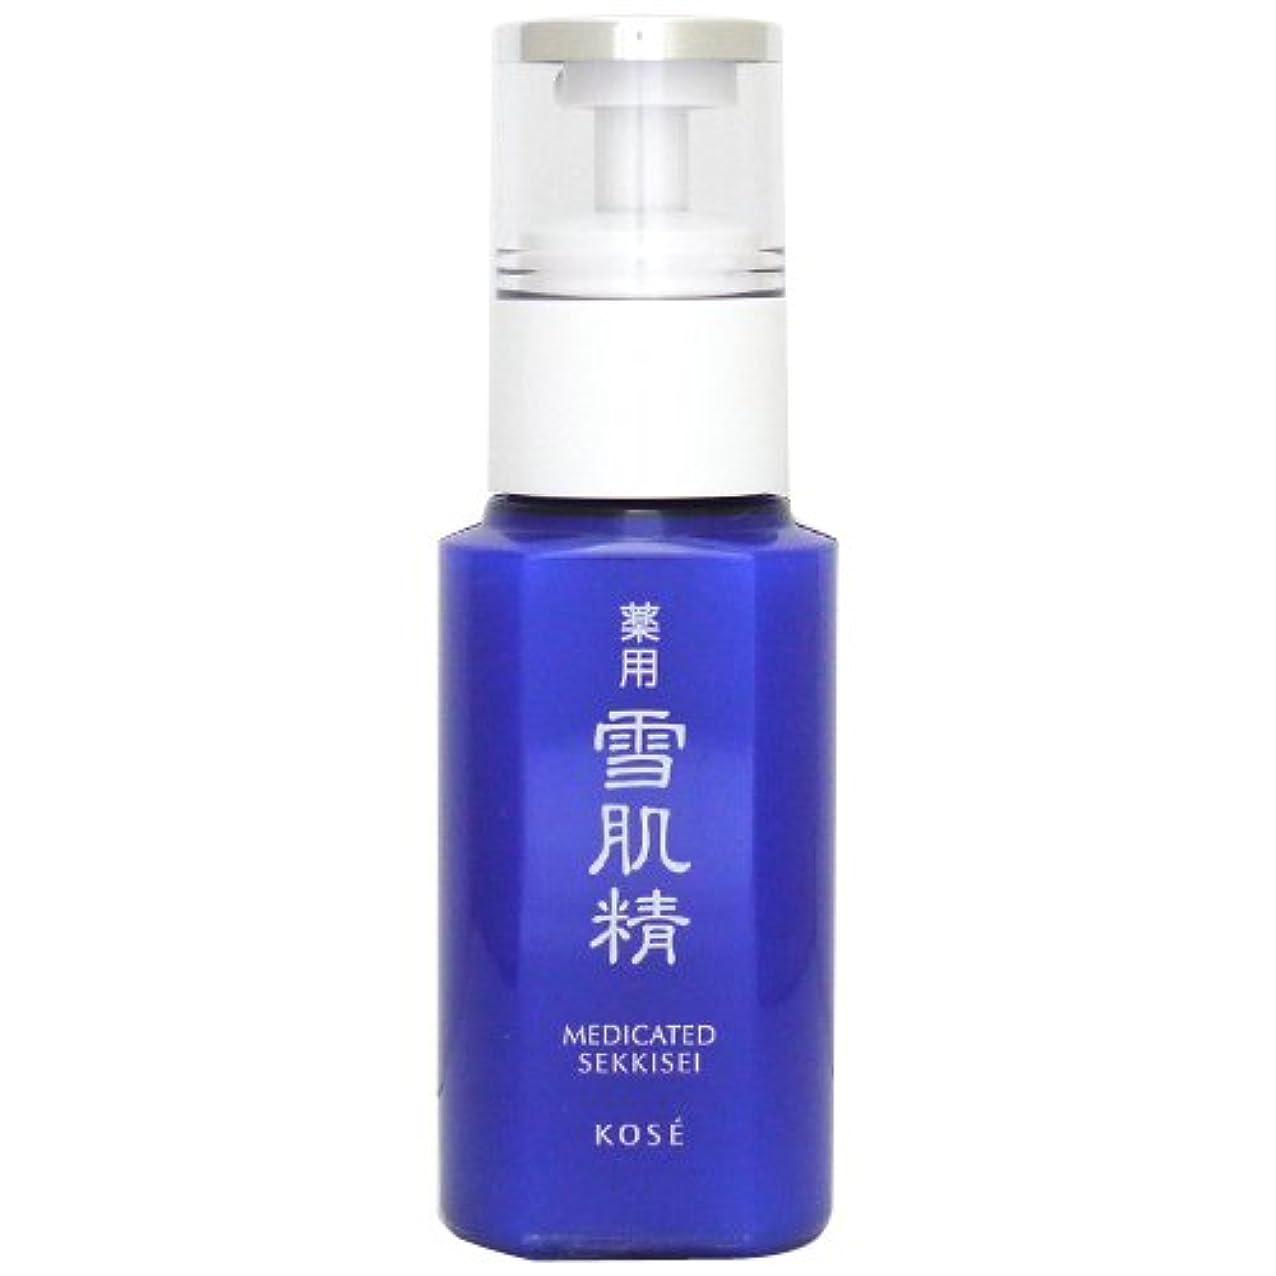 コーセー雪肌精 薬用 乳液(トライアルサイズ) 限定 【save the blue】 70mL